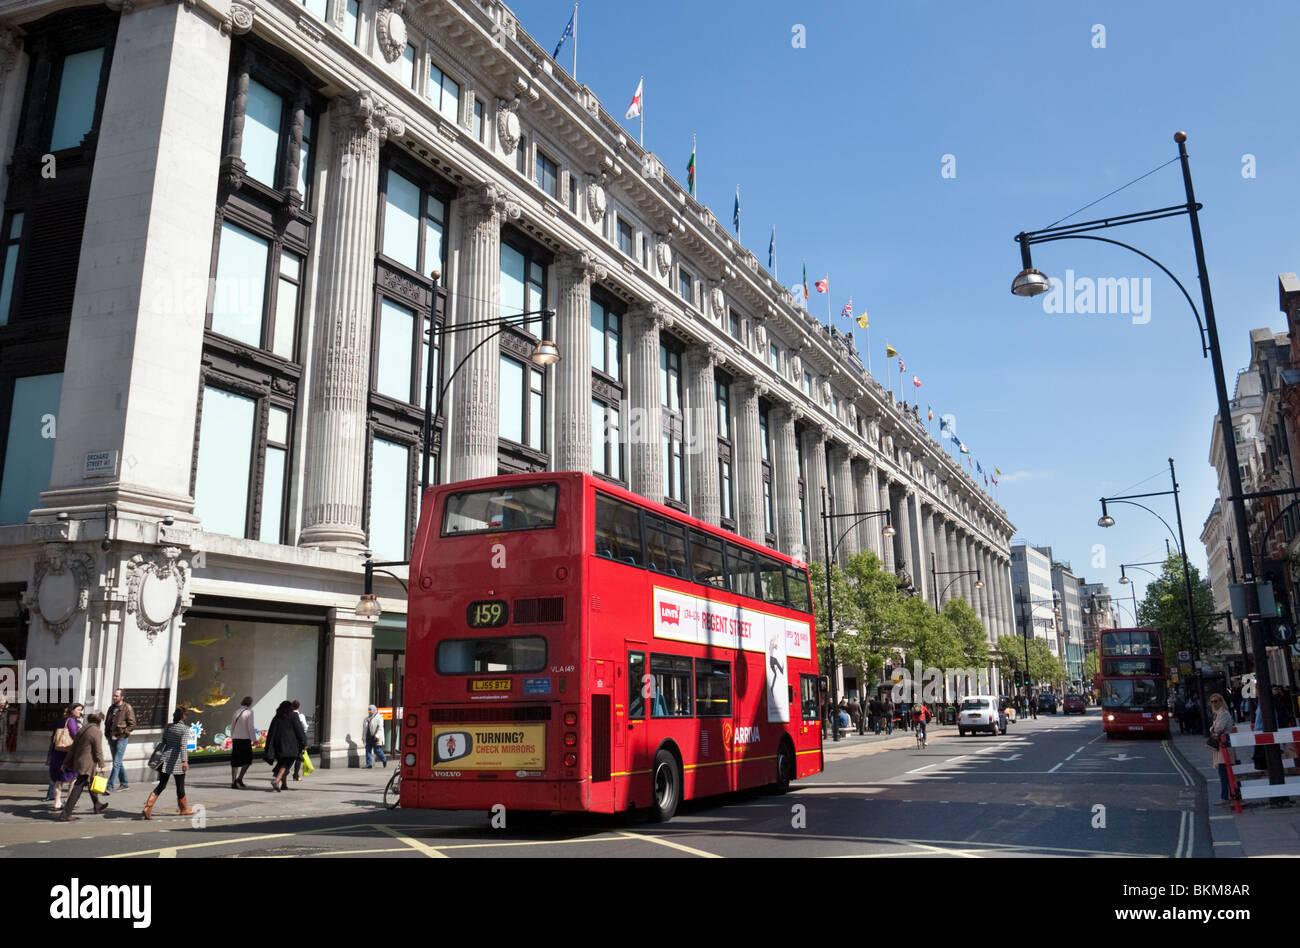 Les bus à l'extérieur du magasin Selfridges sur une journée ensoleillée en été, Oxford Street, London UK Banque D'Images